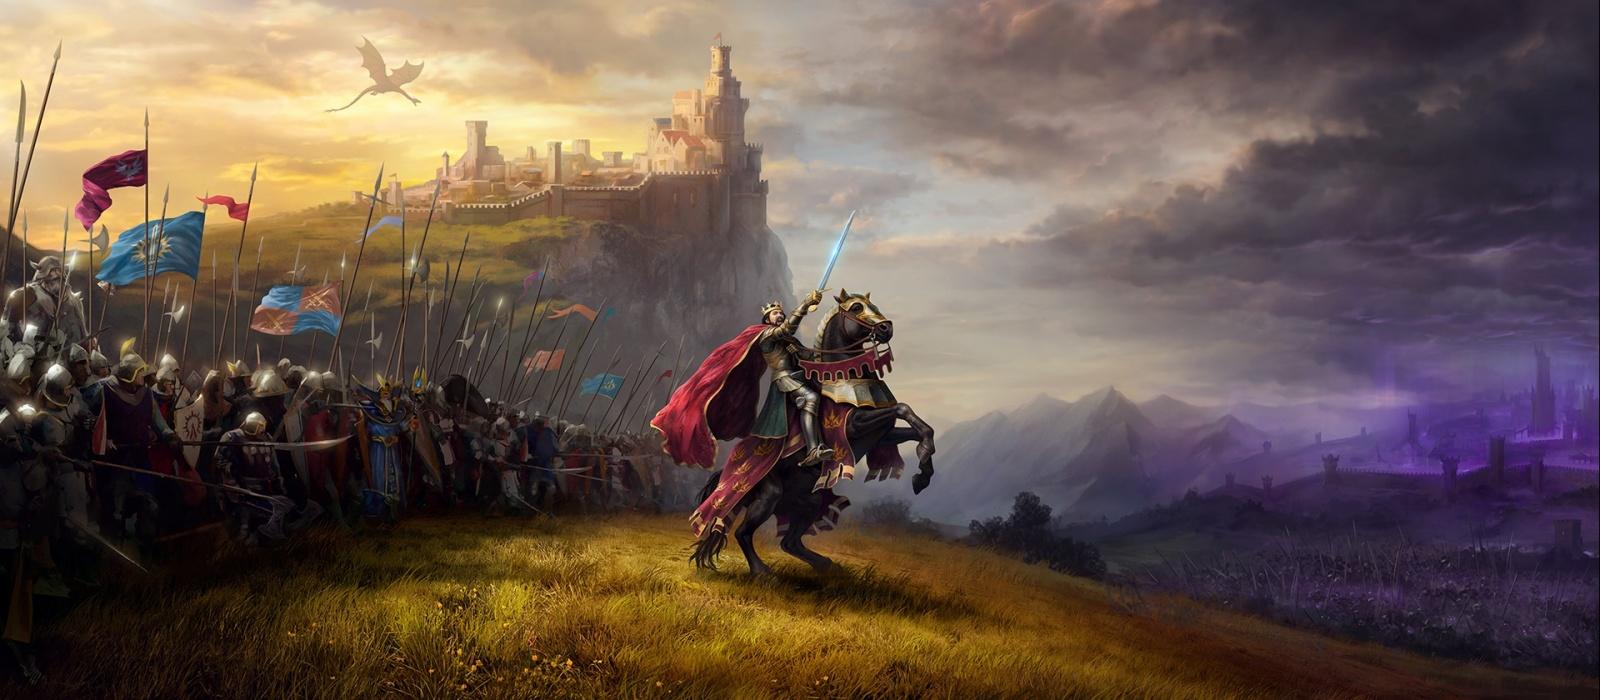 Почему King's Bounty II — «спасительница русского геймдева»? Обстоятельный разговор с разработчиками: боевая система, локации, персонажи, музыка и многое другое